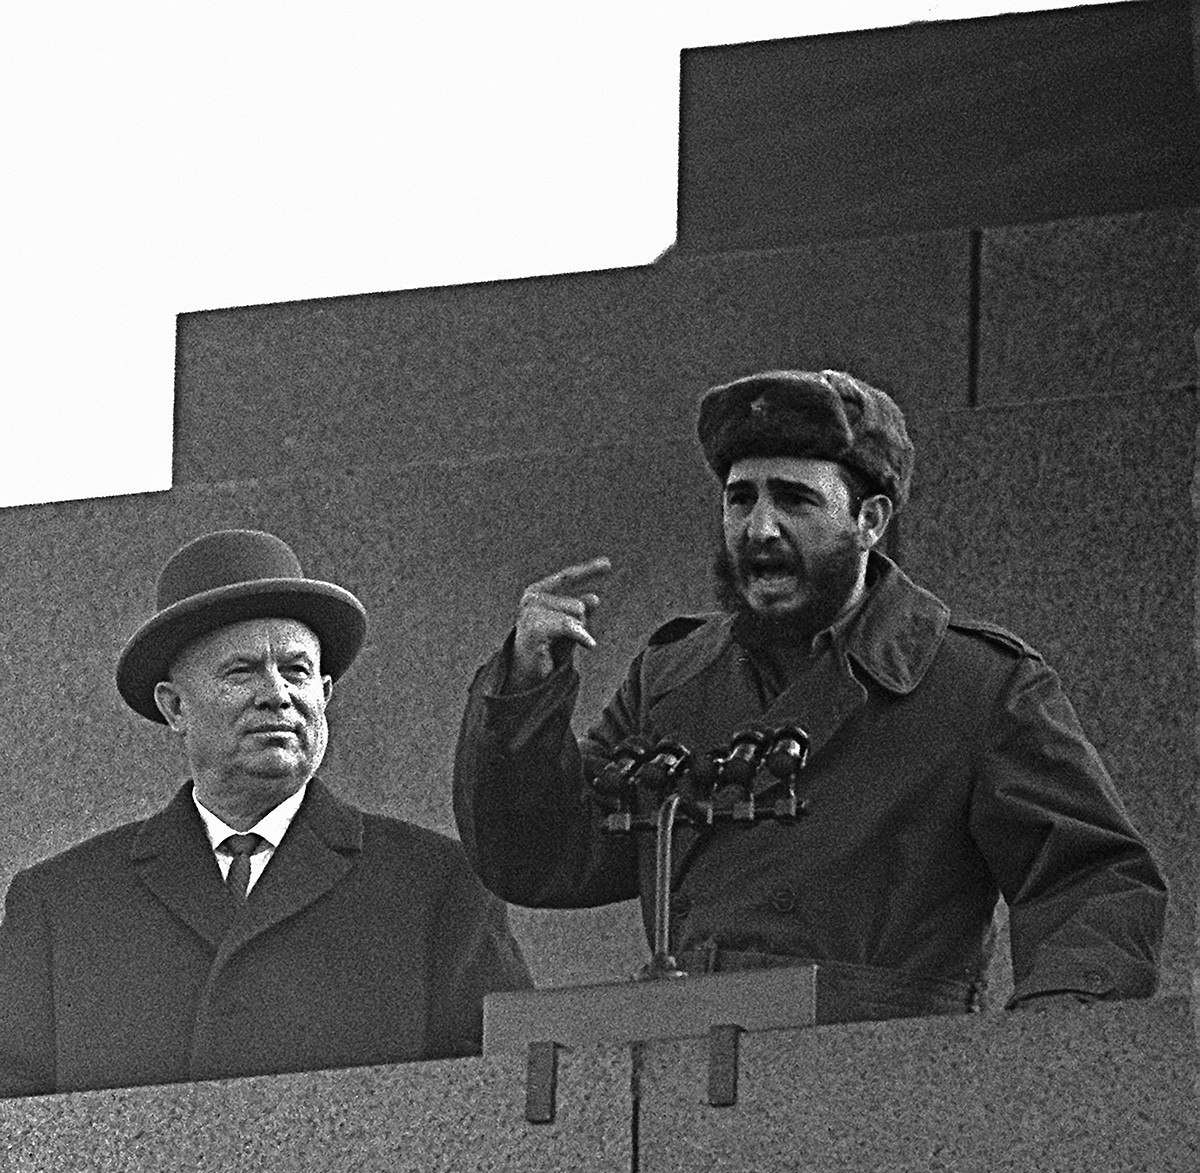 フィデル・カストロとニキータ・フルシチョフ